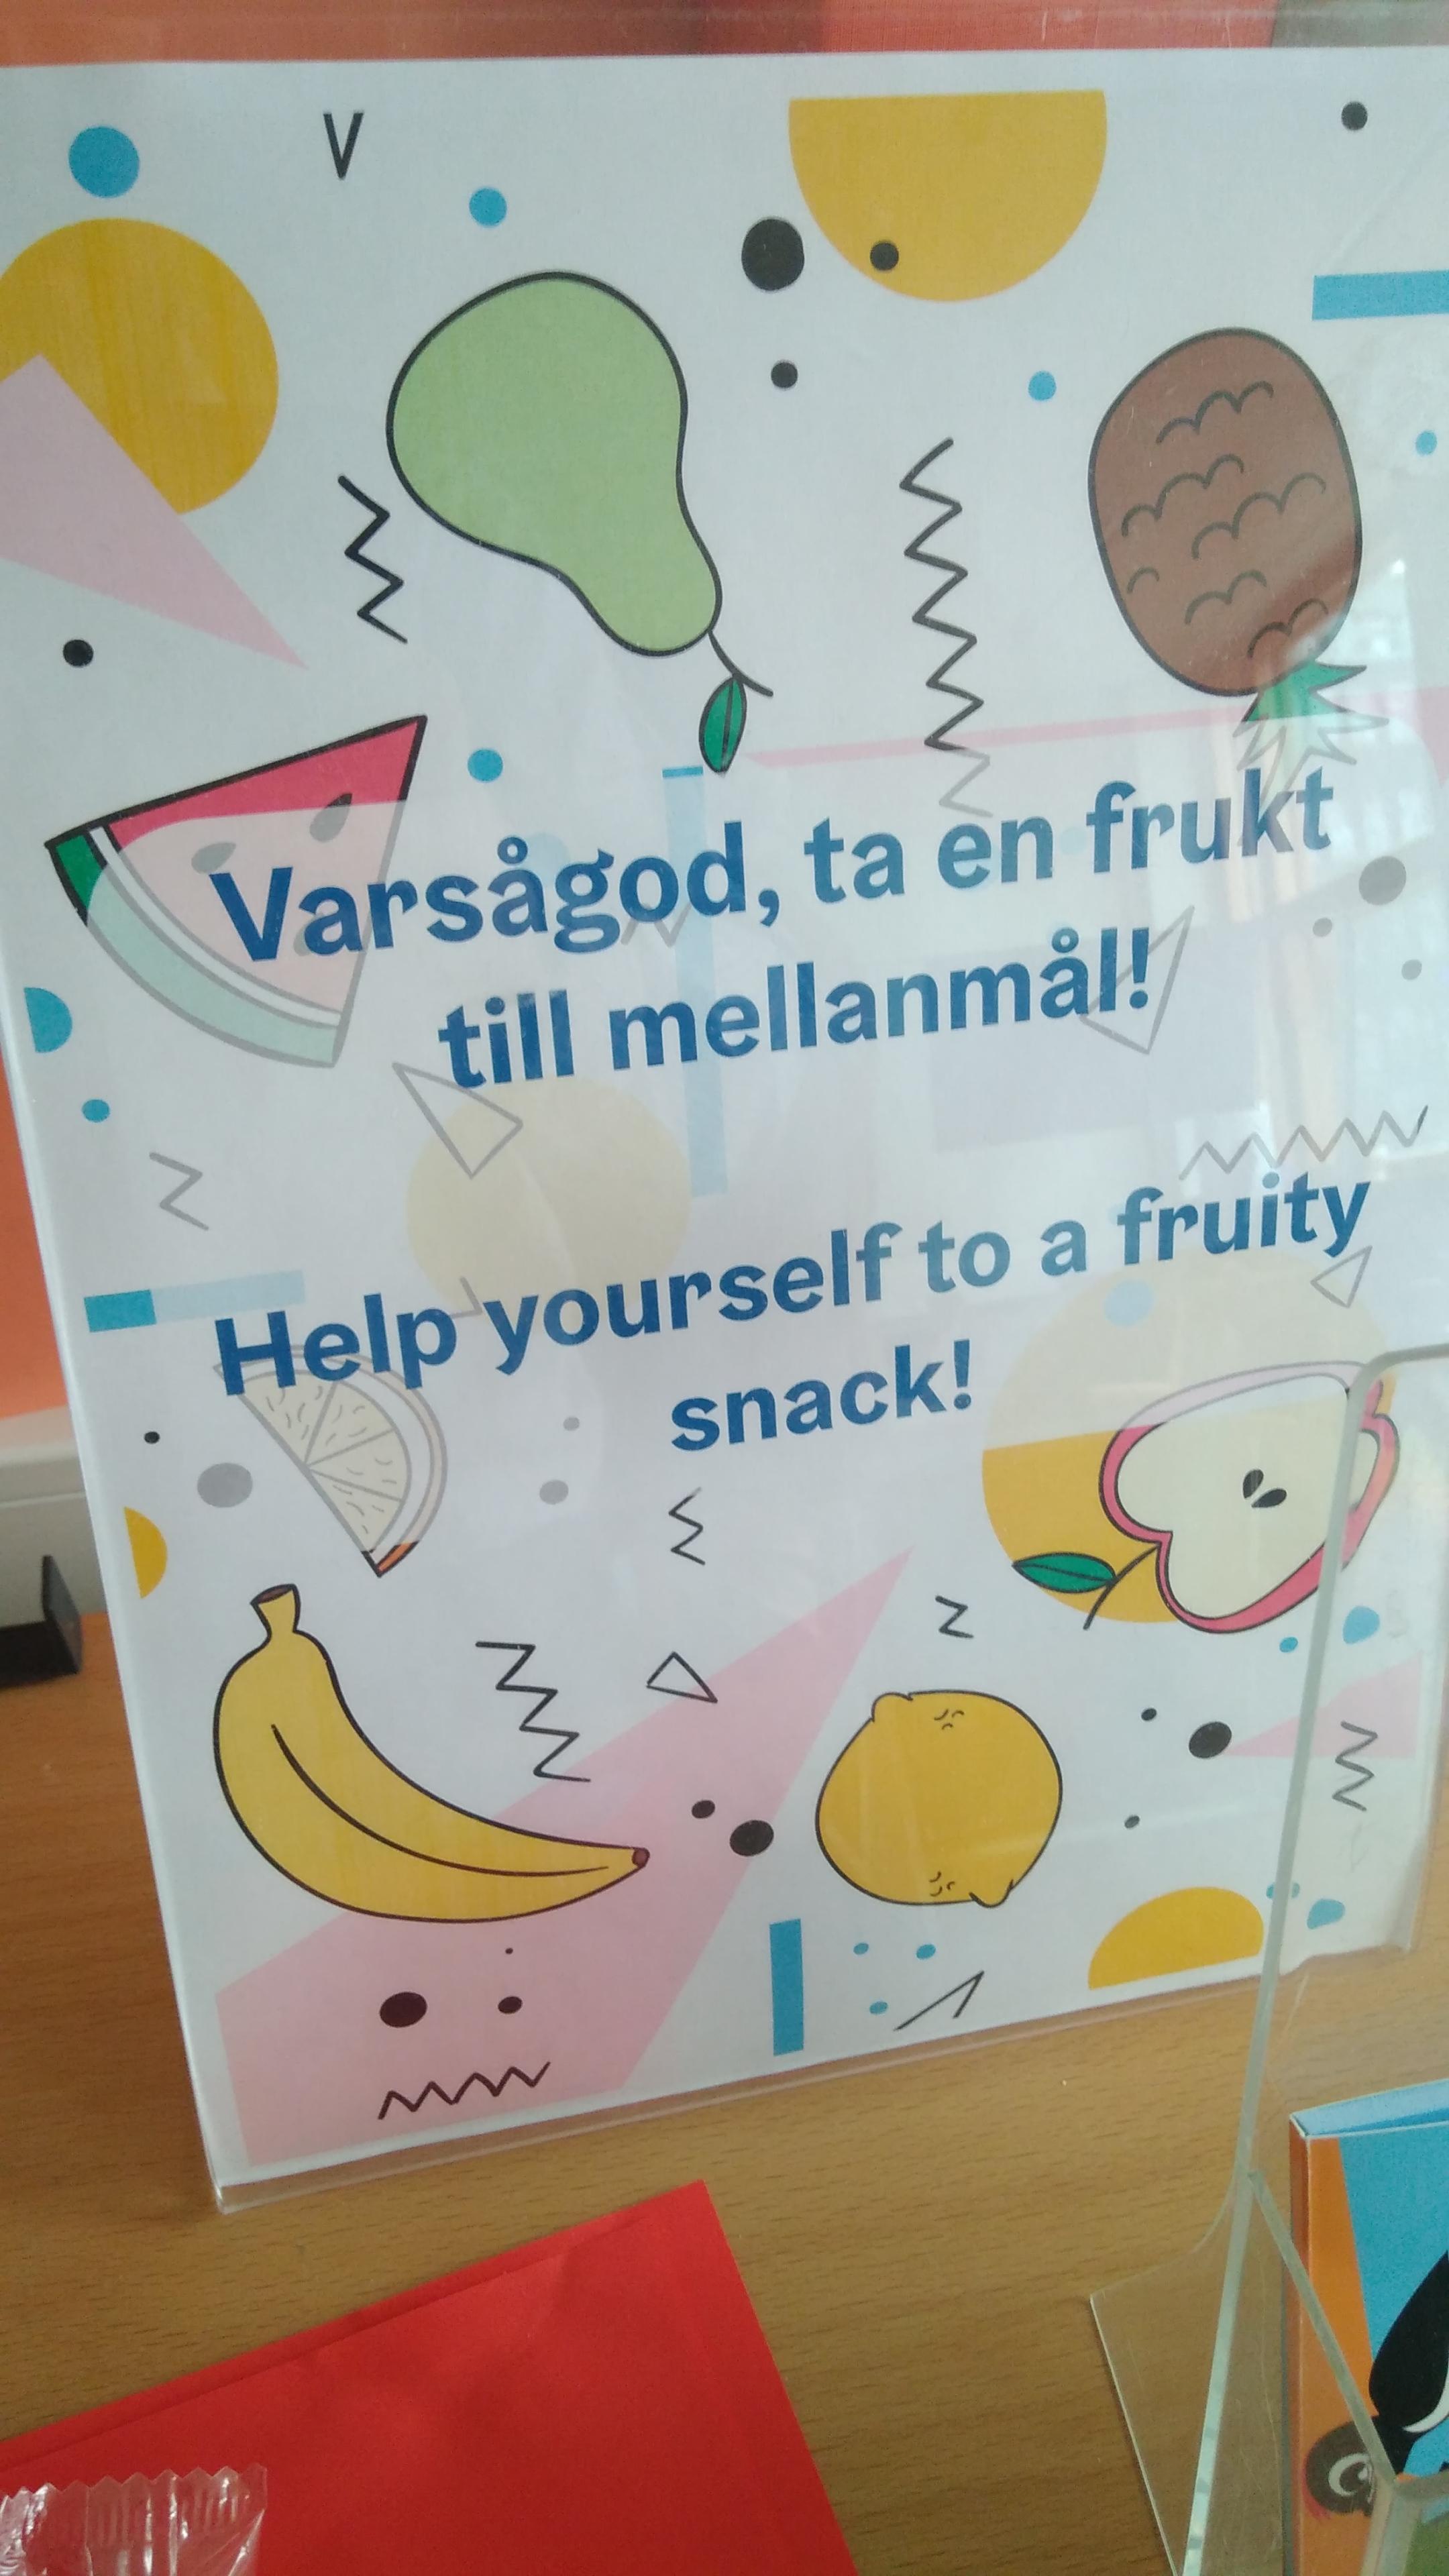 Arbis. Escuela Sueca en Finlandia. Erasmus+ 2018 21